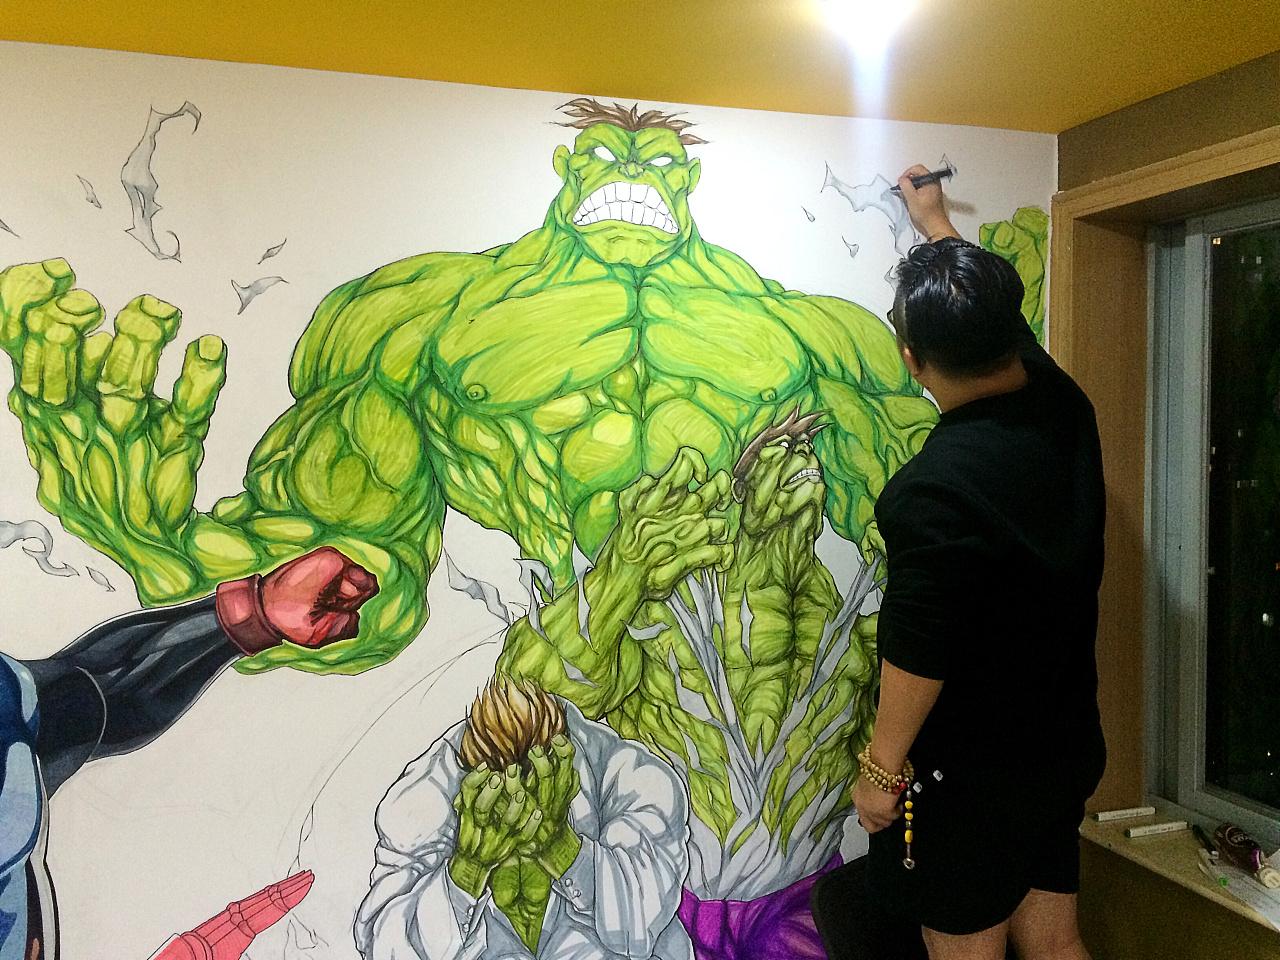 健身房墙绘复仇者联盟系列|插画|涂鸦/潮流|nowzki